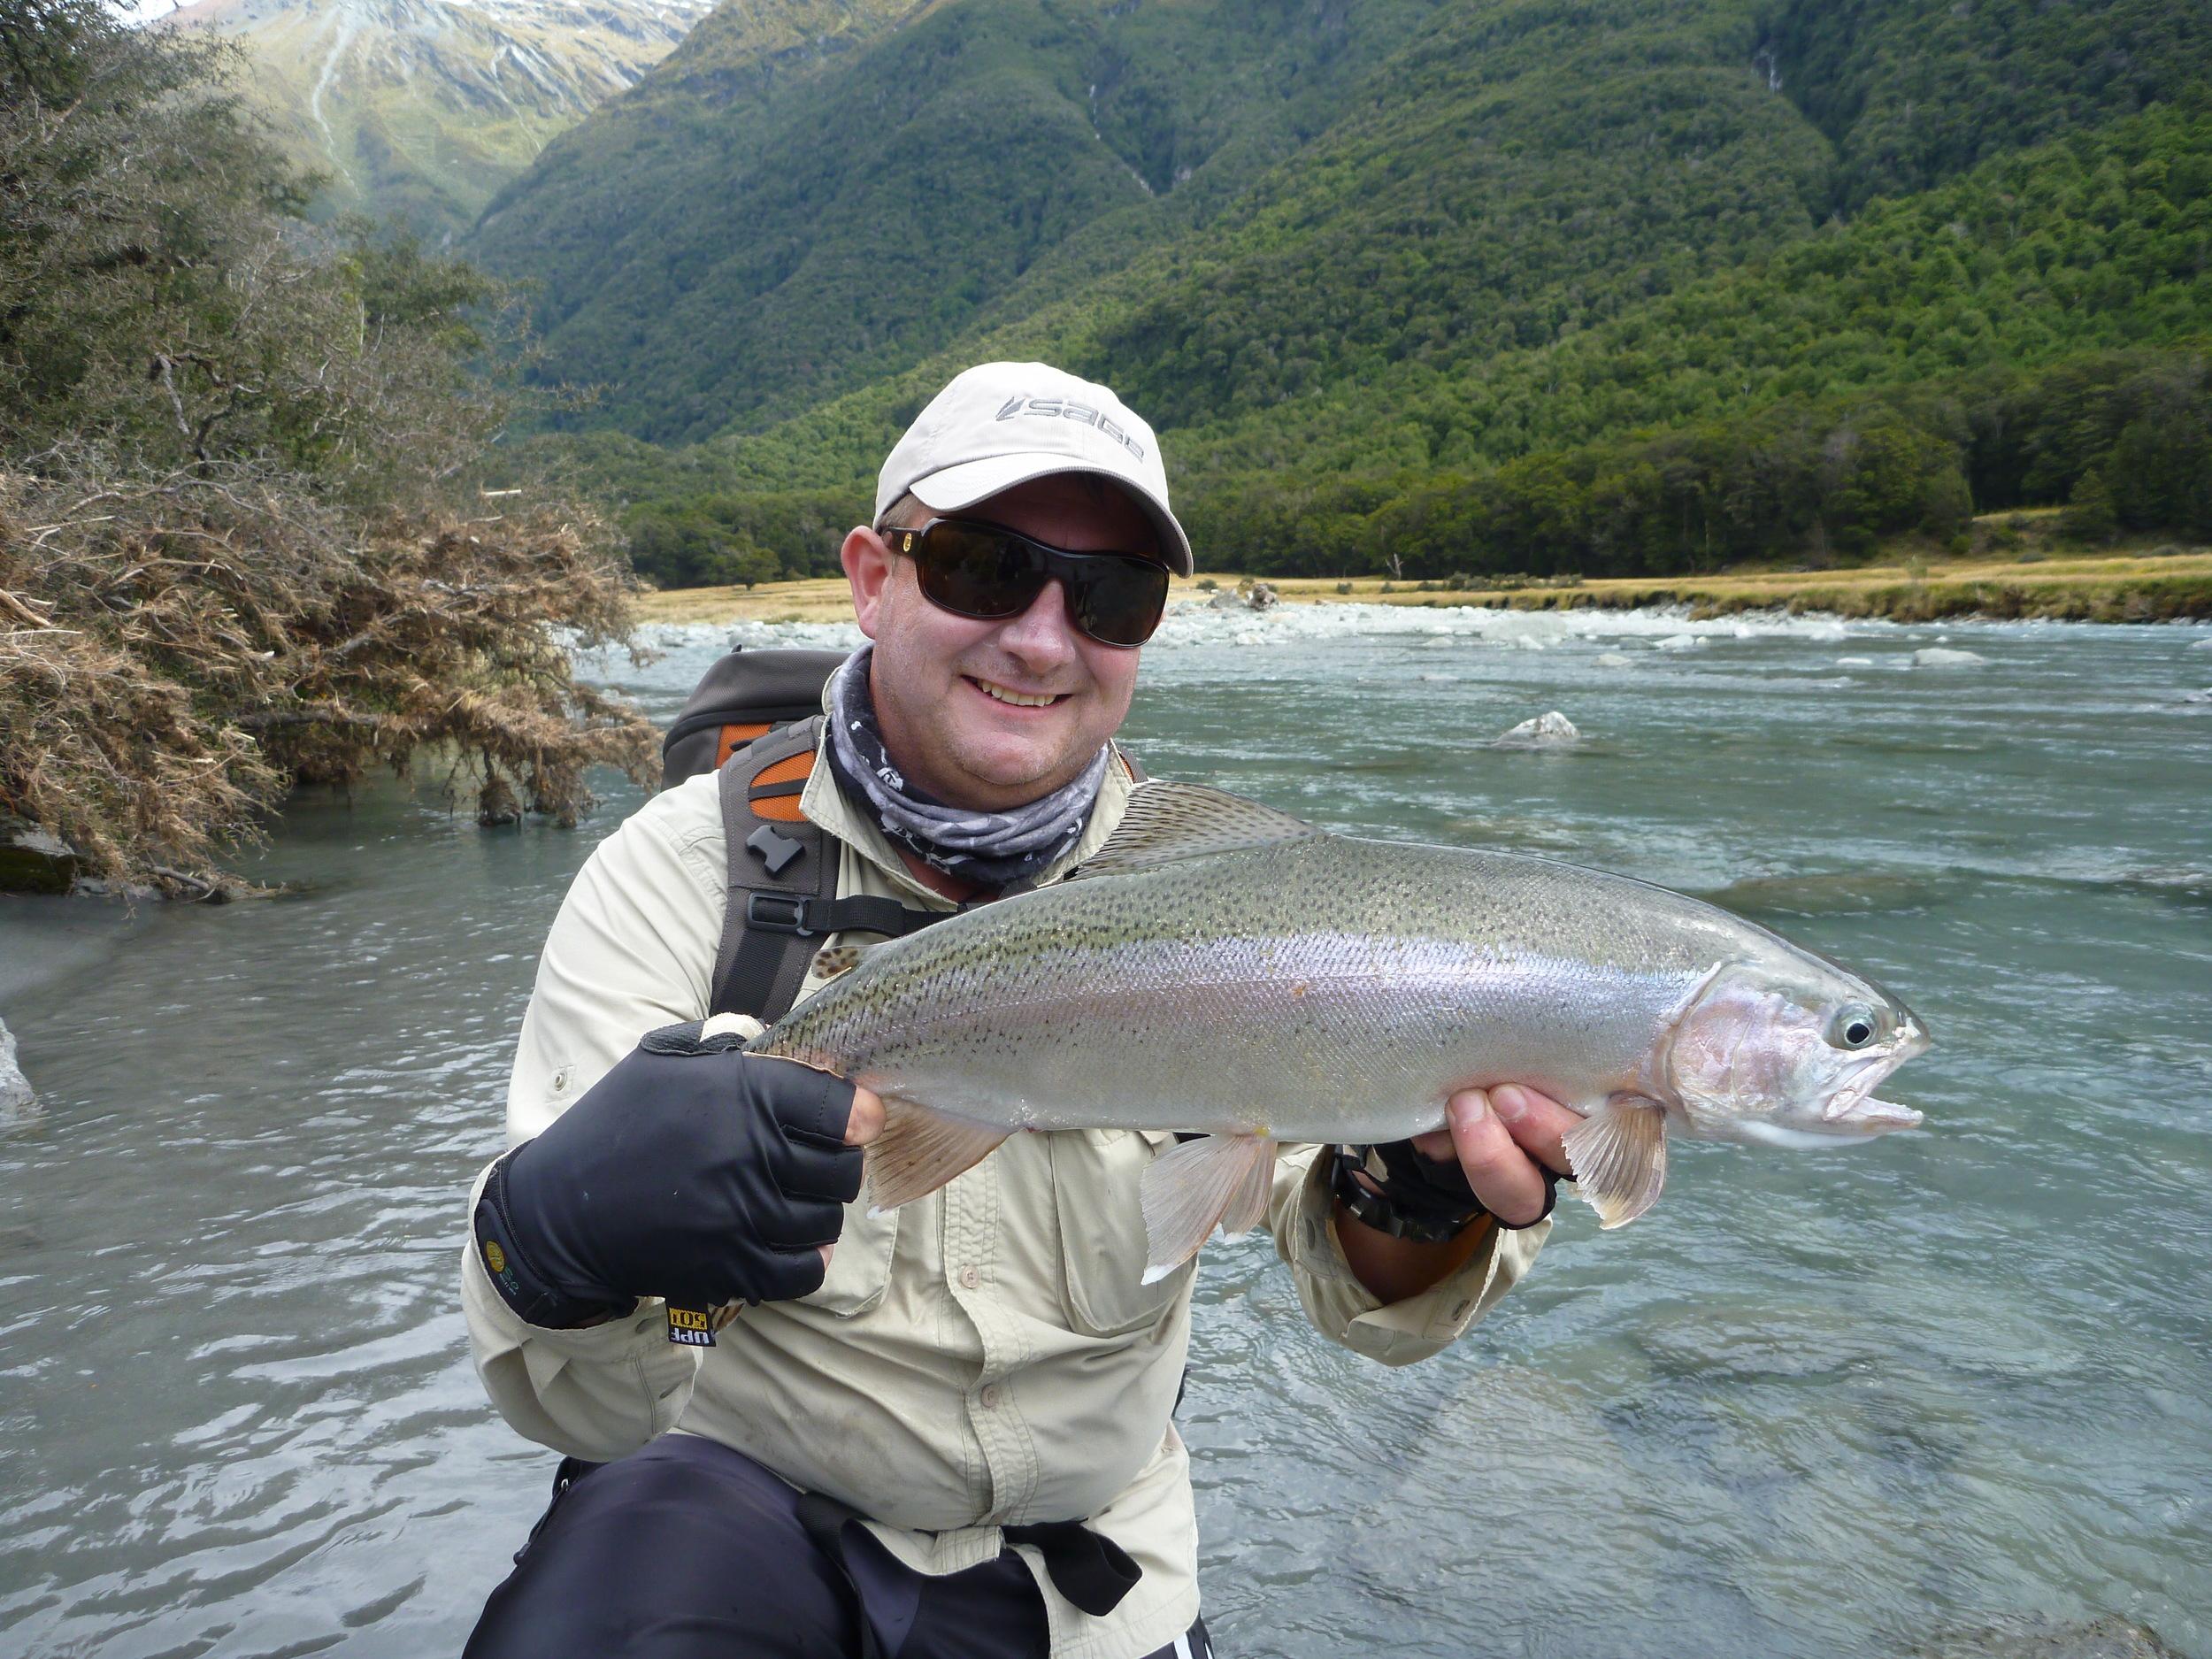 Wanaka South Island of New Zealanddry fly fishing